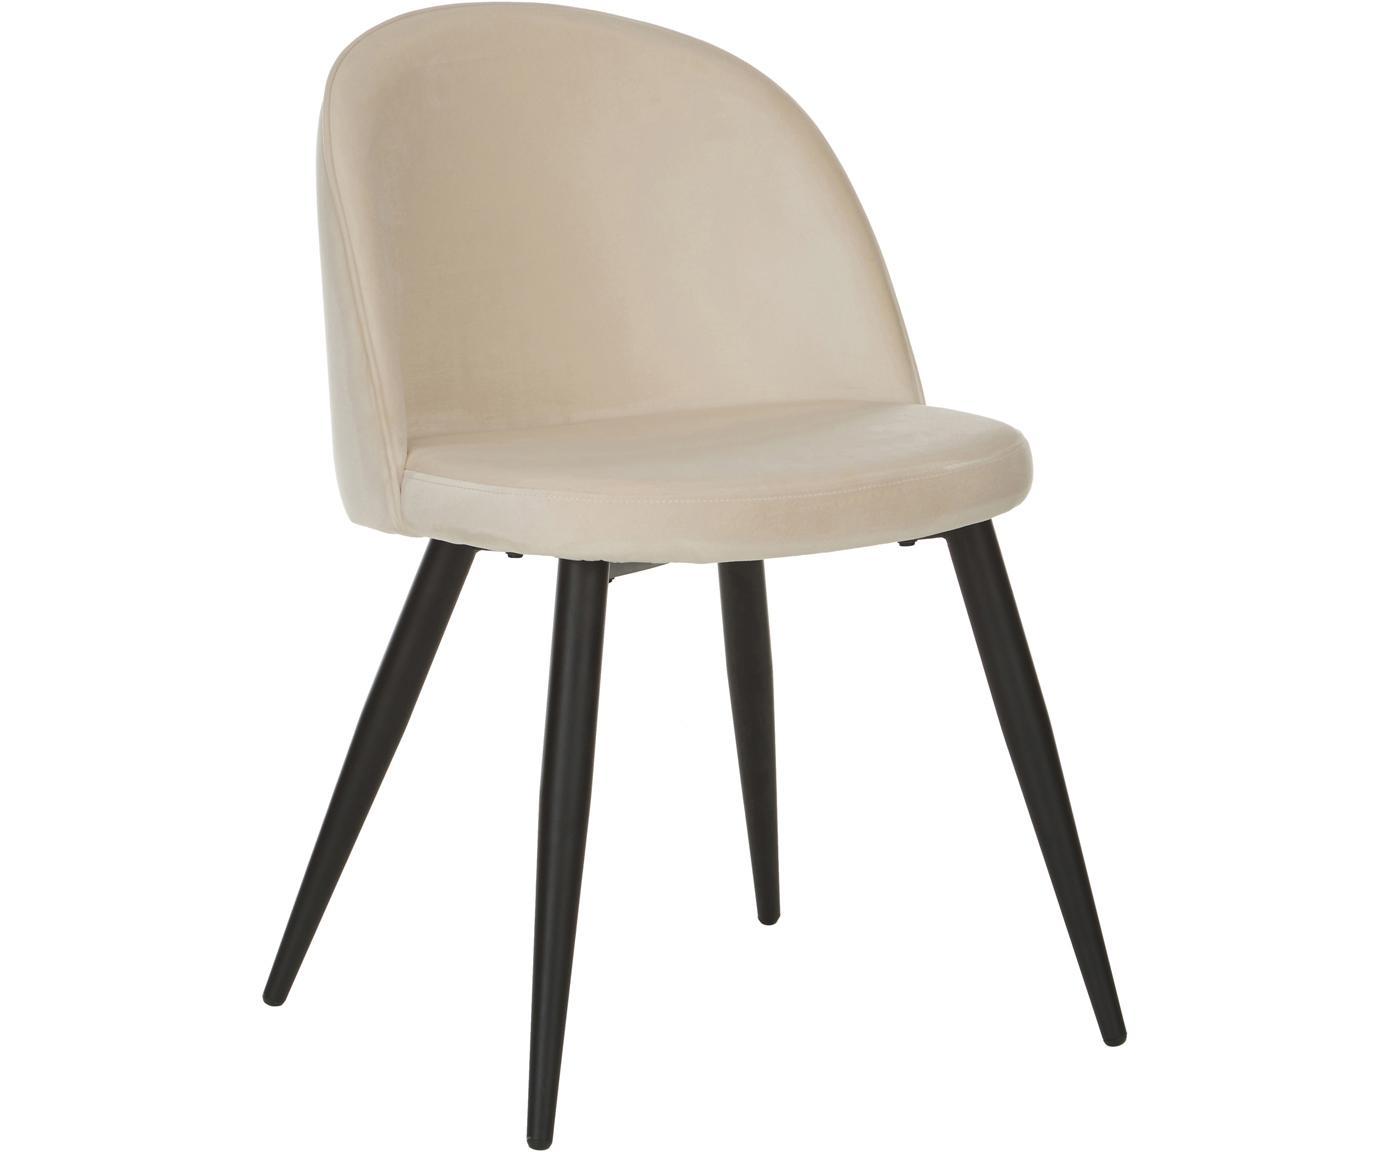 Moderne fluwelen stoelen Amy, 2 stuks, Bekleding: fluweel (polyester), Poten: gepoedercoat metaal, Crèmewit, B 51 x D 55 cm